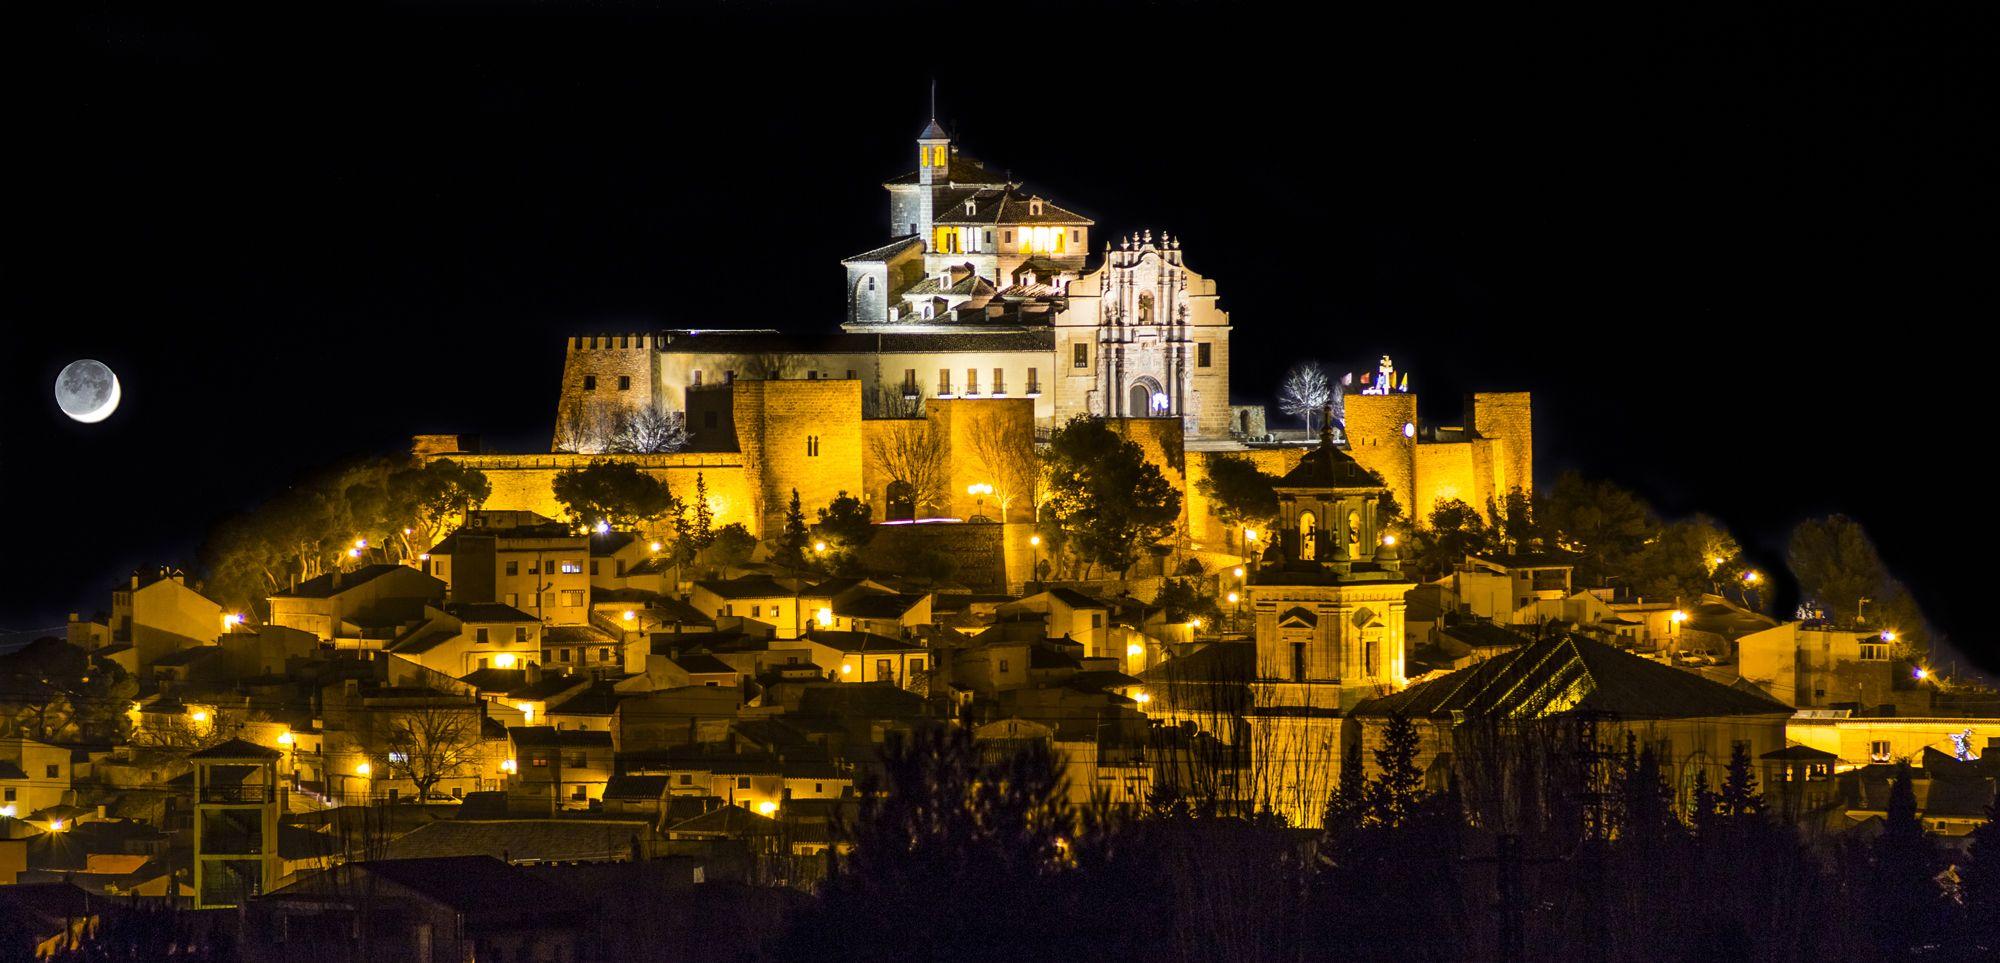 La luna sobre el castillo de Caravaca, Murcia, Esaña (Alvaro Perez)